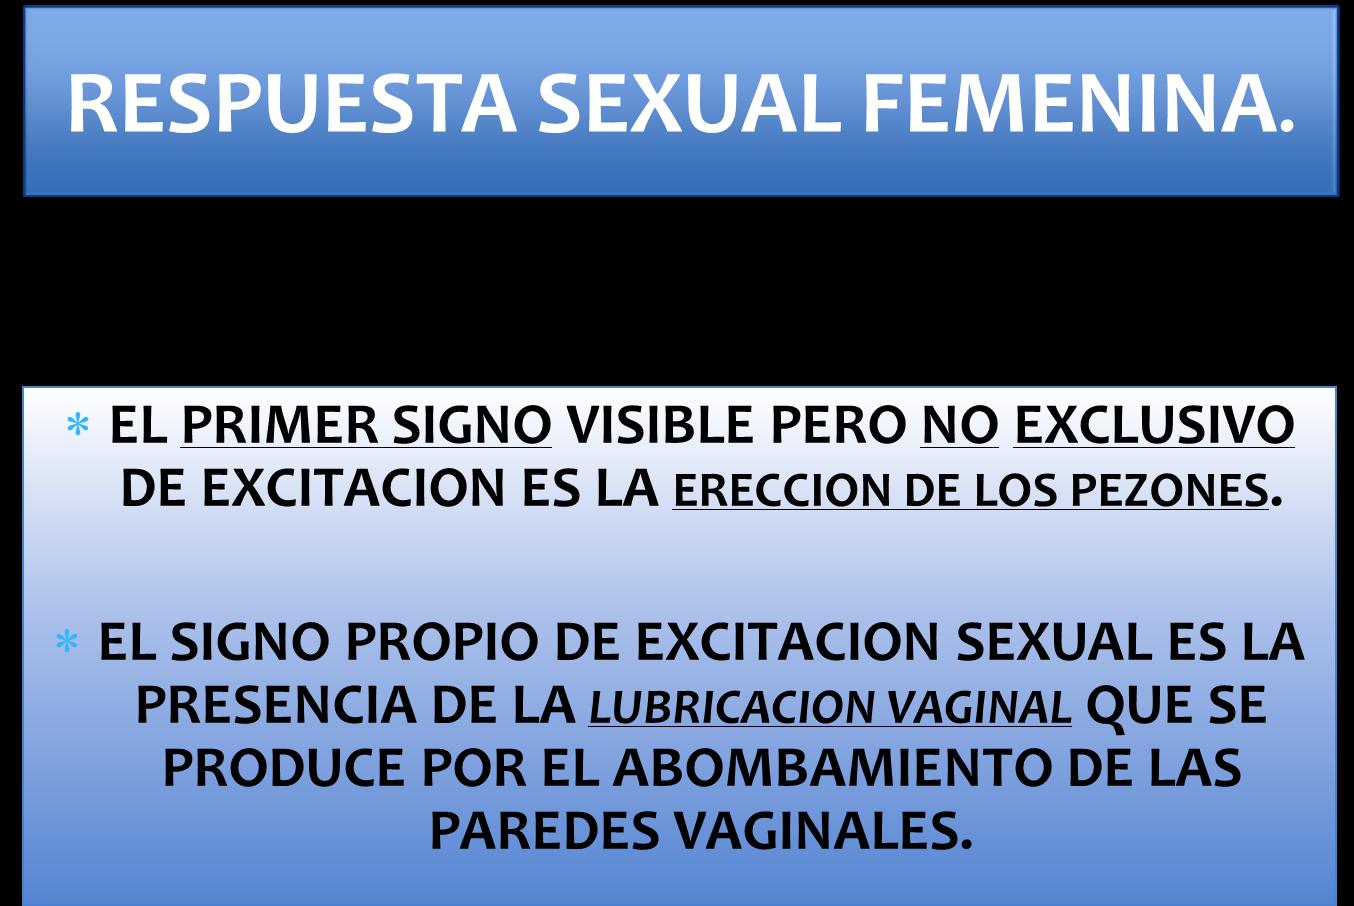 Respuesta sexual femenina: qu pasa en el cuerpo femenino